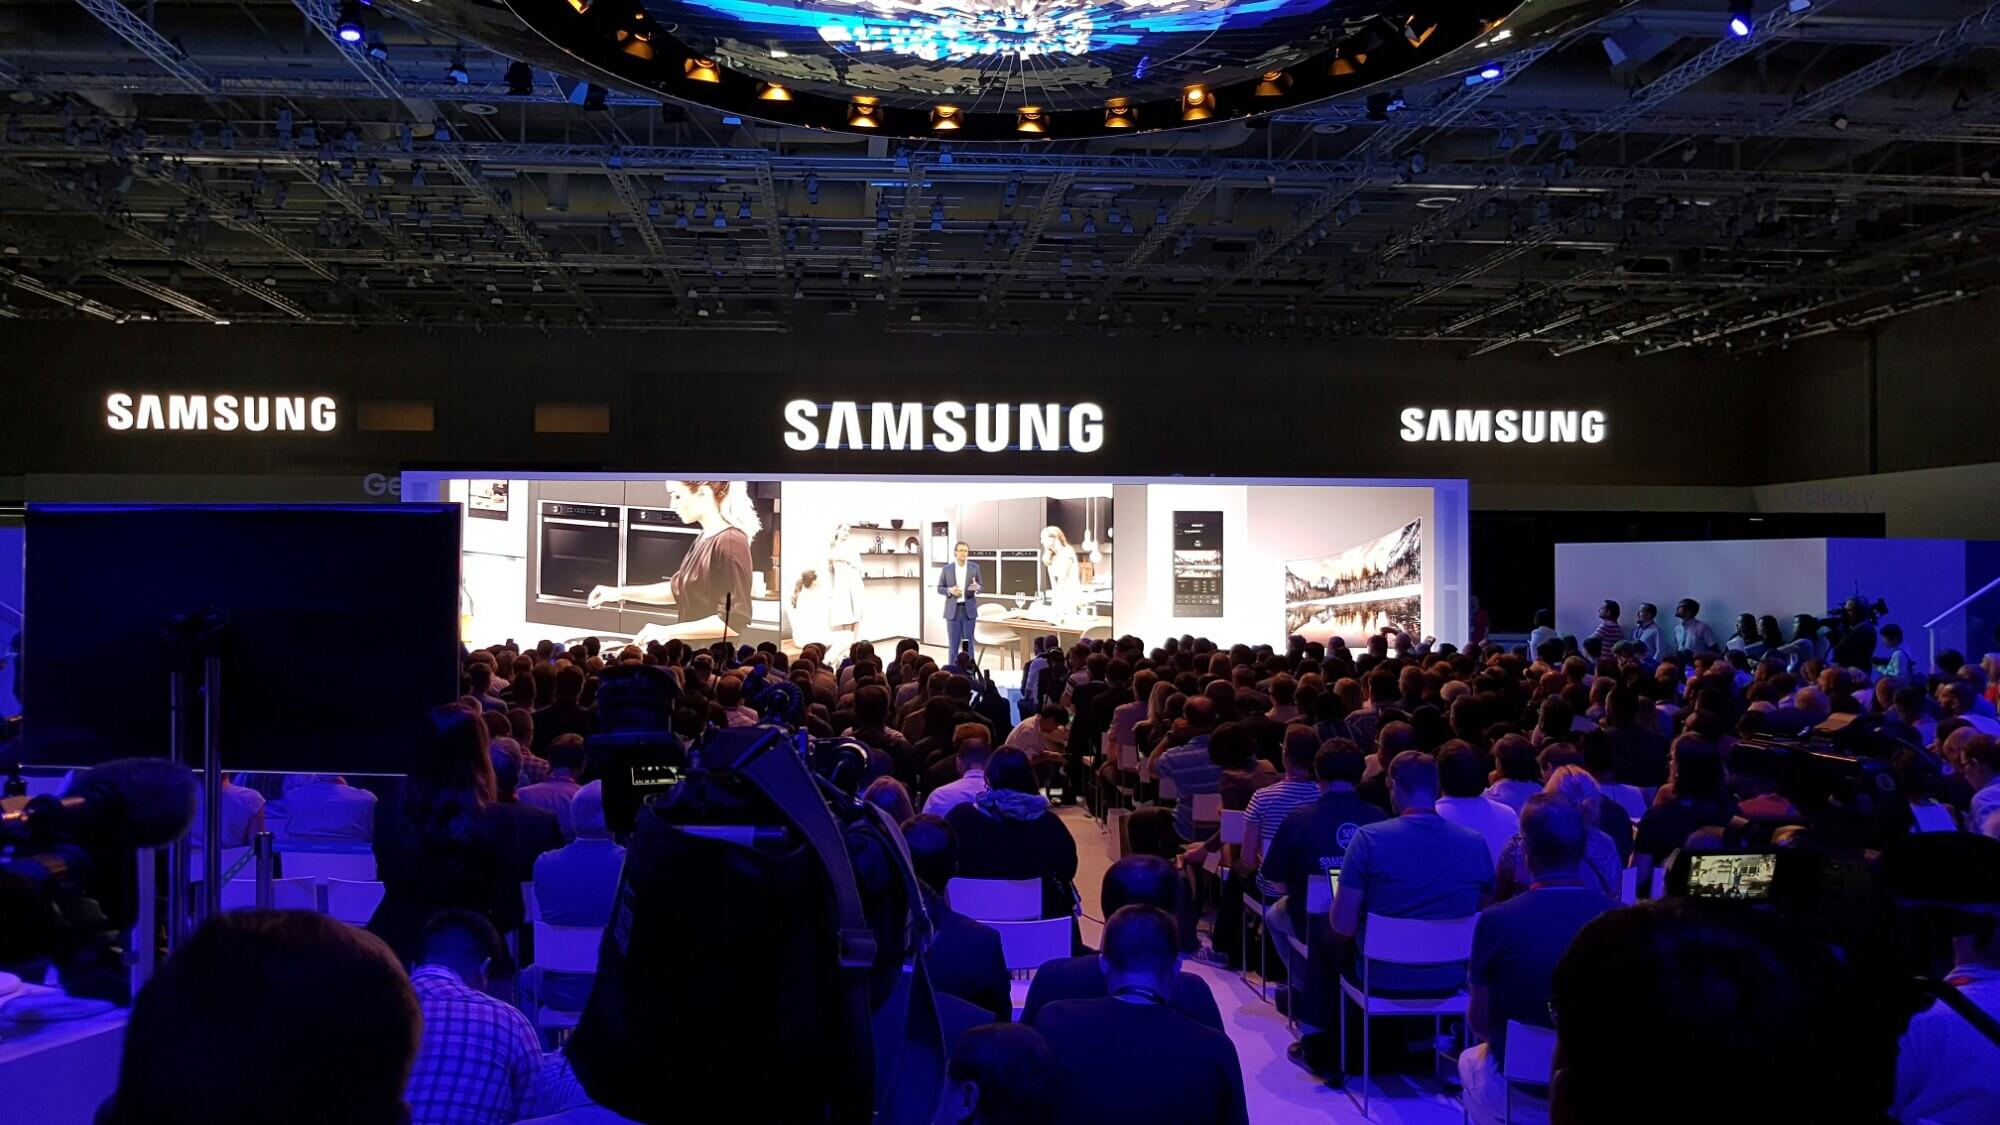 Ifa 2016: samsung mostra o futuro das tvs e dispositivos eletrônicos. A samsung apresentou novidades na sua linha de tvs e dispositivos eletrônicos, como lavadoras e refrigeradores, na ifa 2016